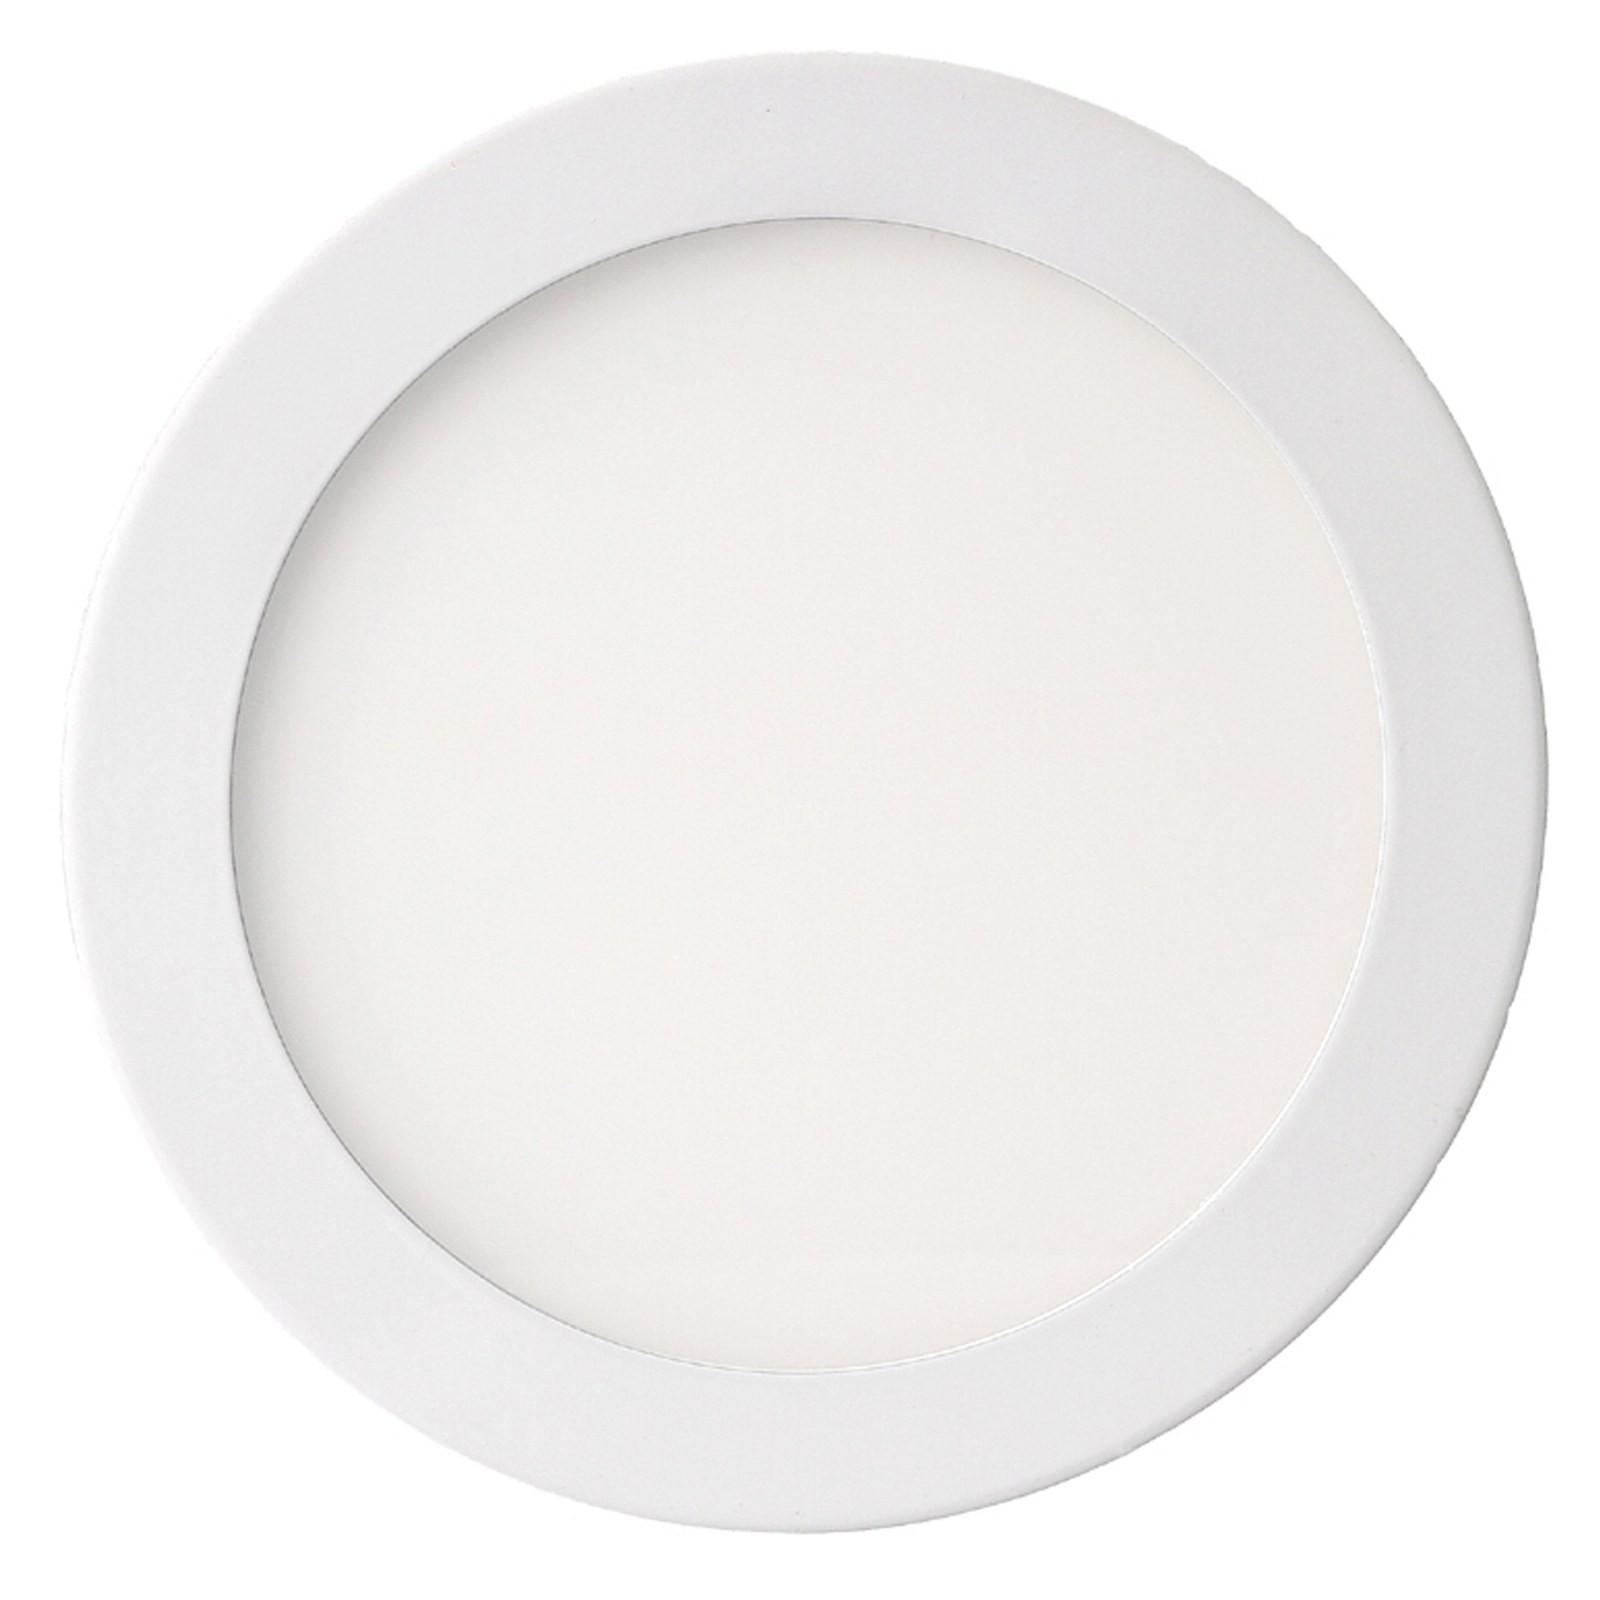 Pannello led 1500 lmn 18w luce bianca naturale 4000k v tac for Luce bianca led